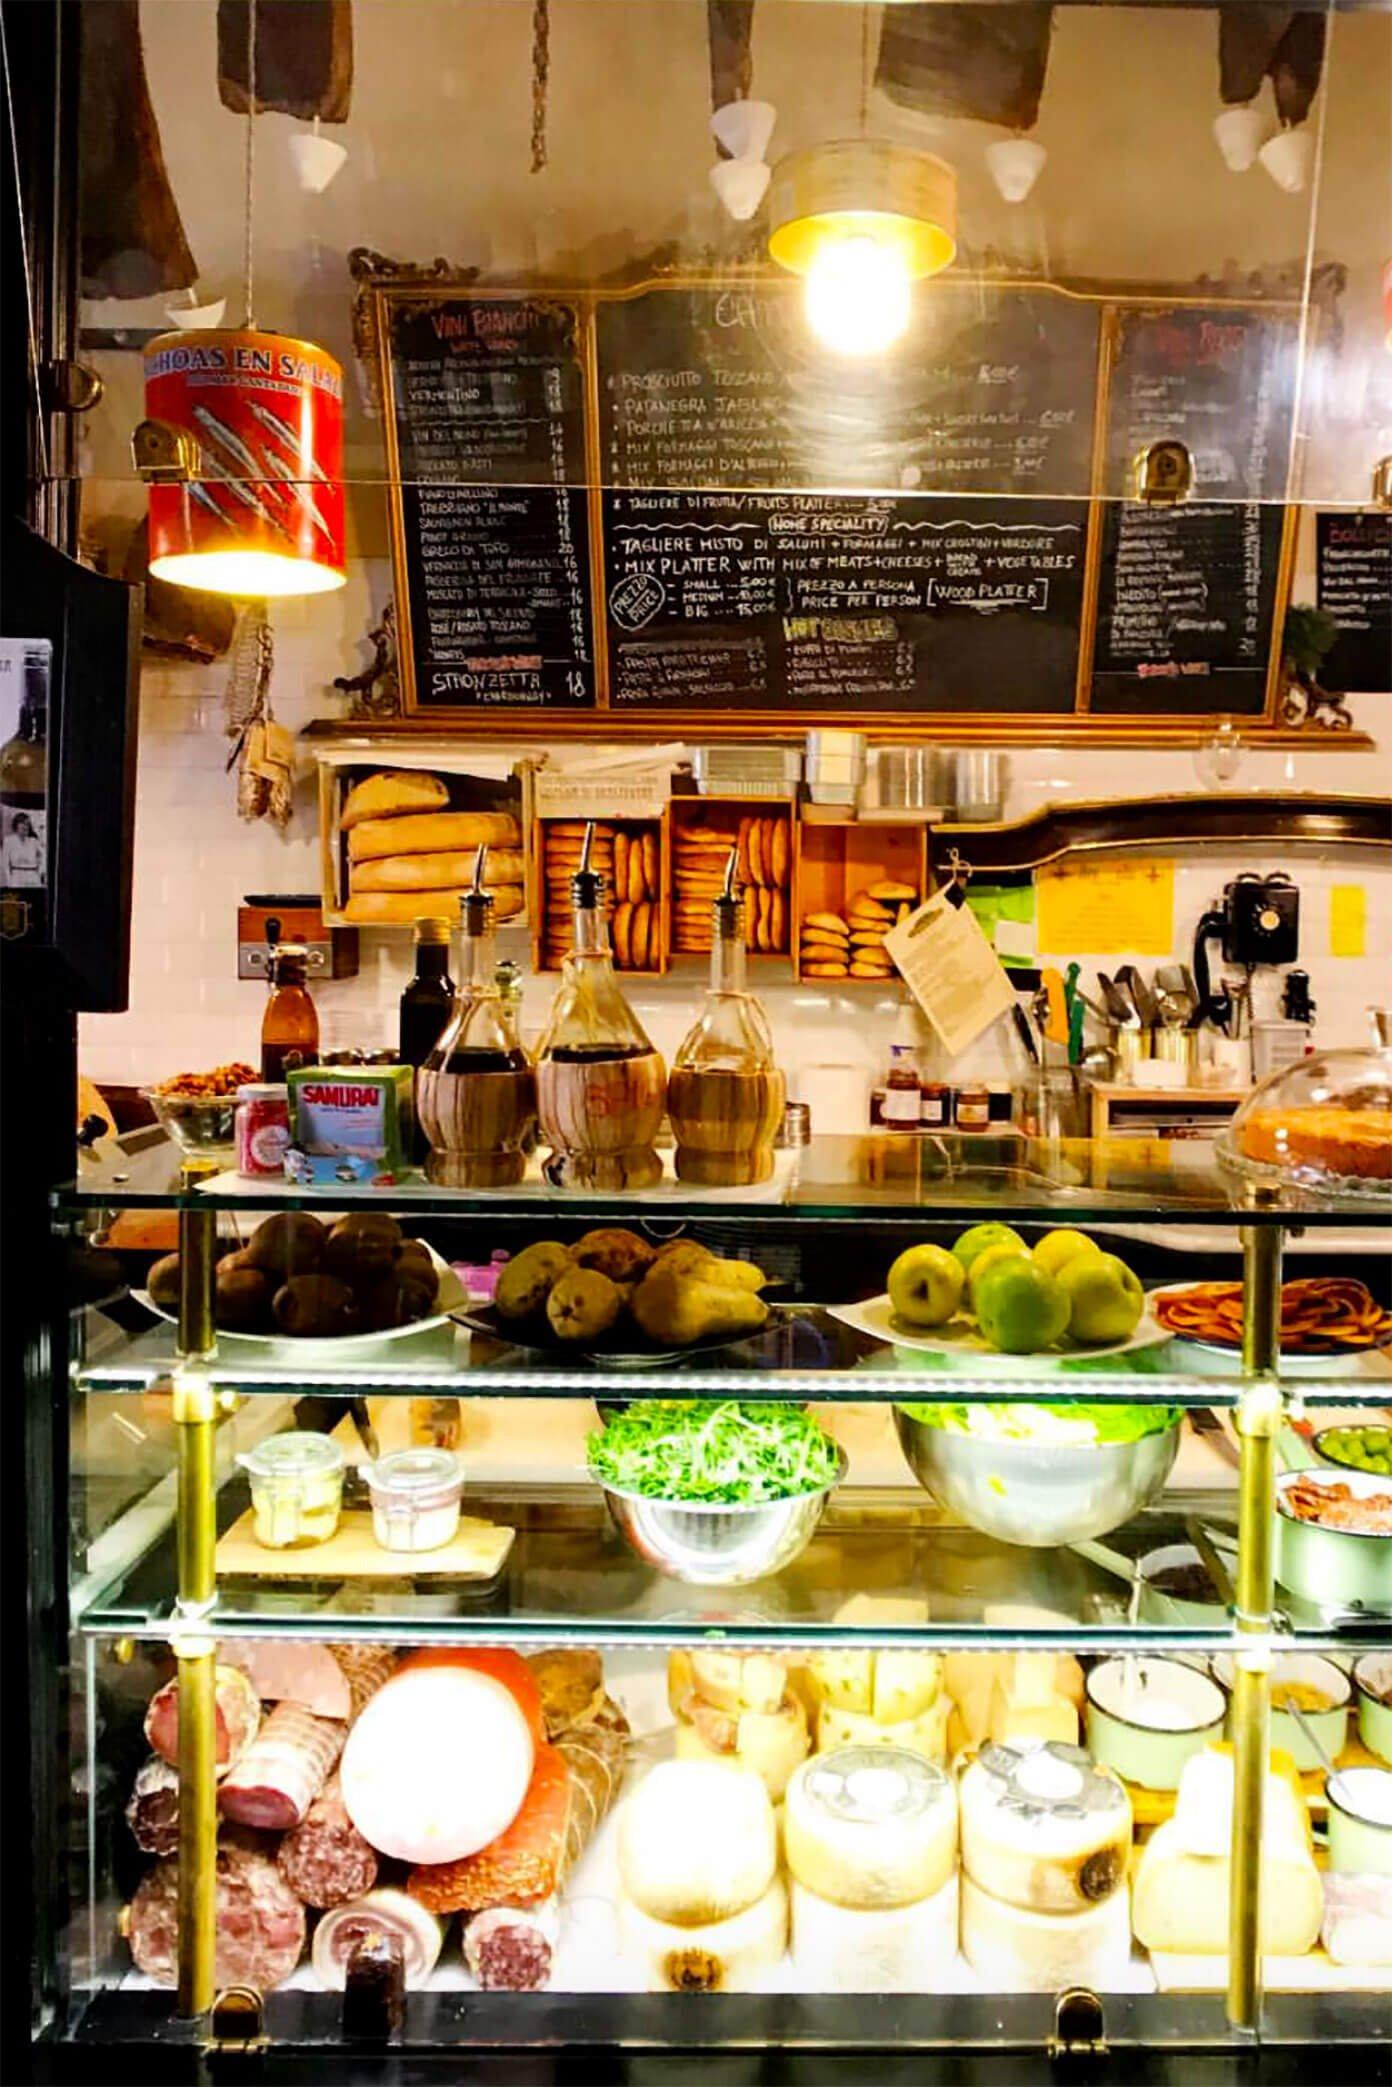 Prosciutteria Trastevere Restaurant in Rome